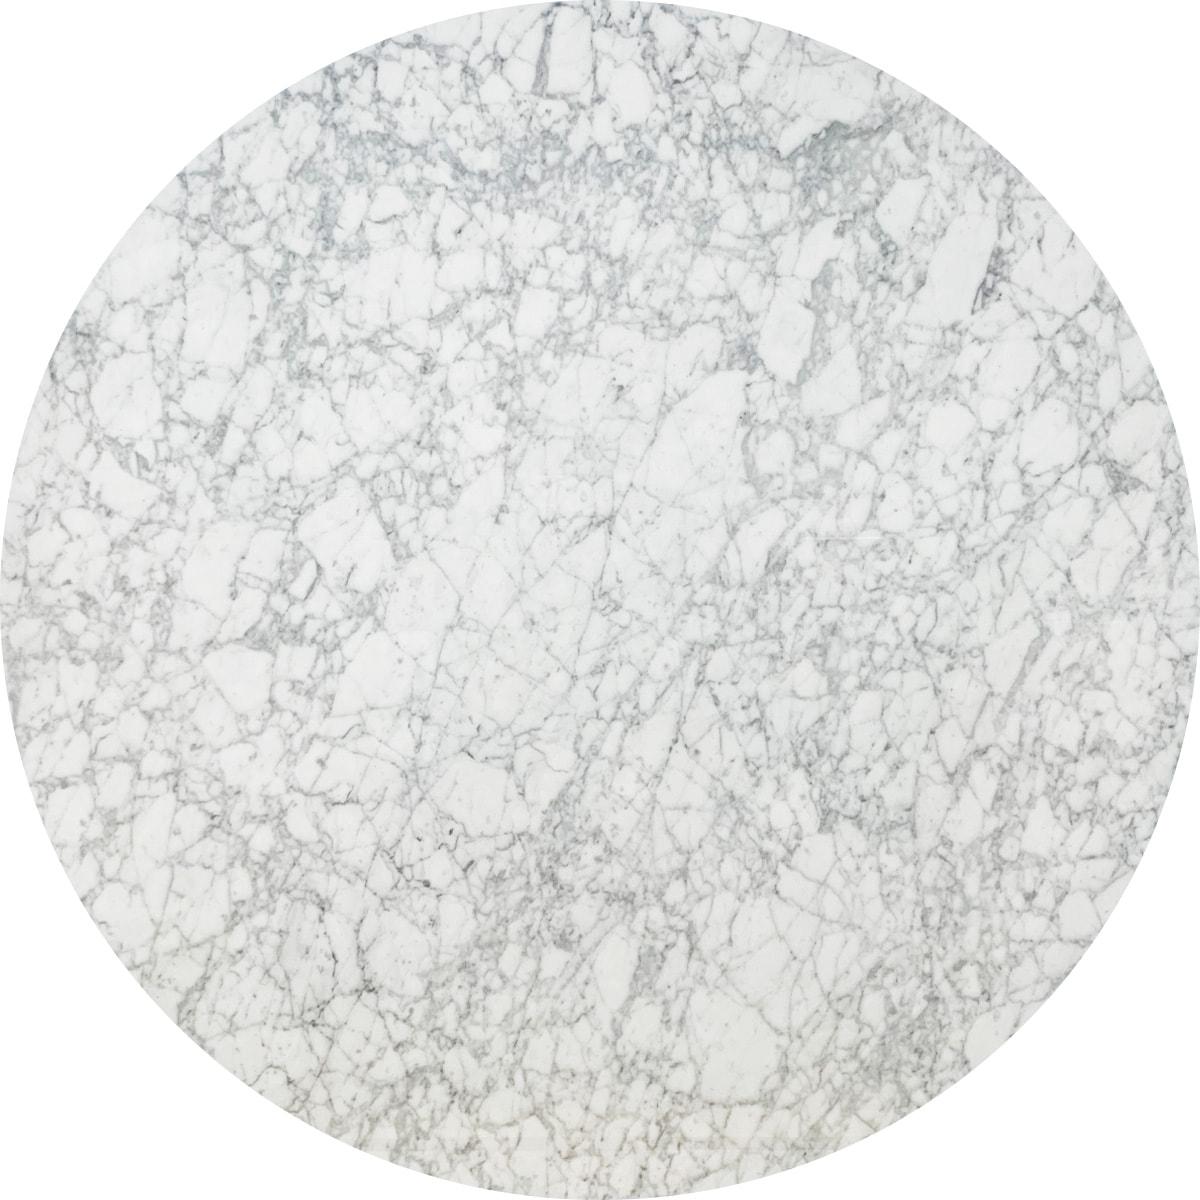 Saarinen Collection Round Tables(サーリネンテーブル) Φ1200mm スタートアリエット 176TRMST2 (002)